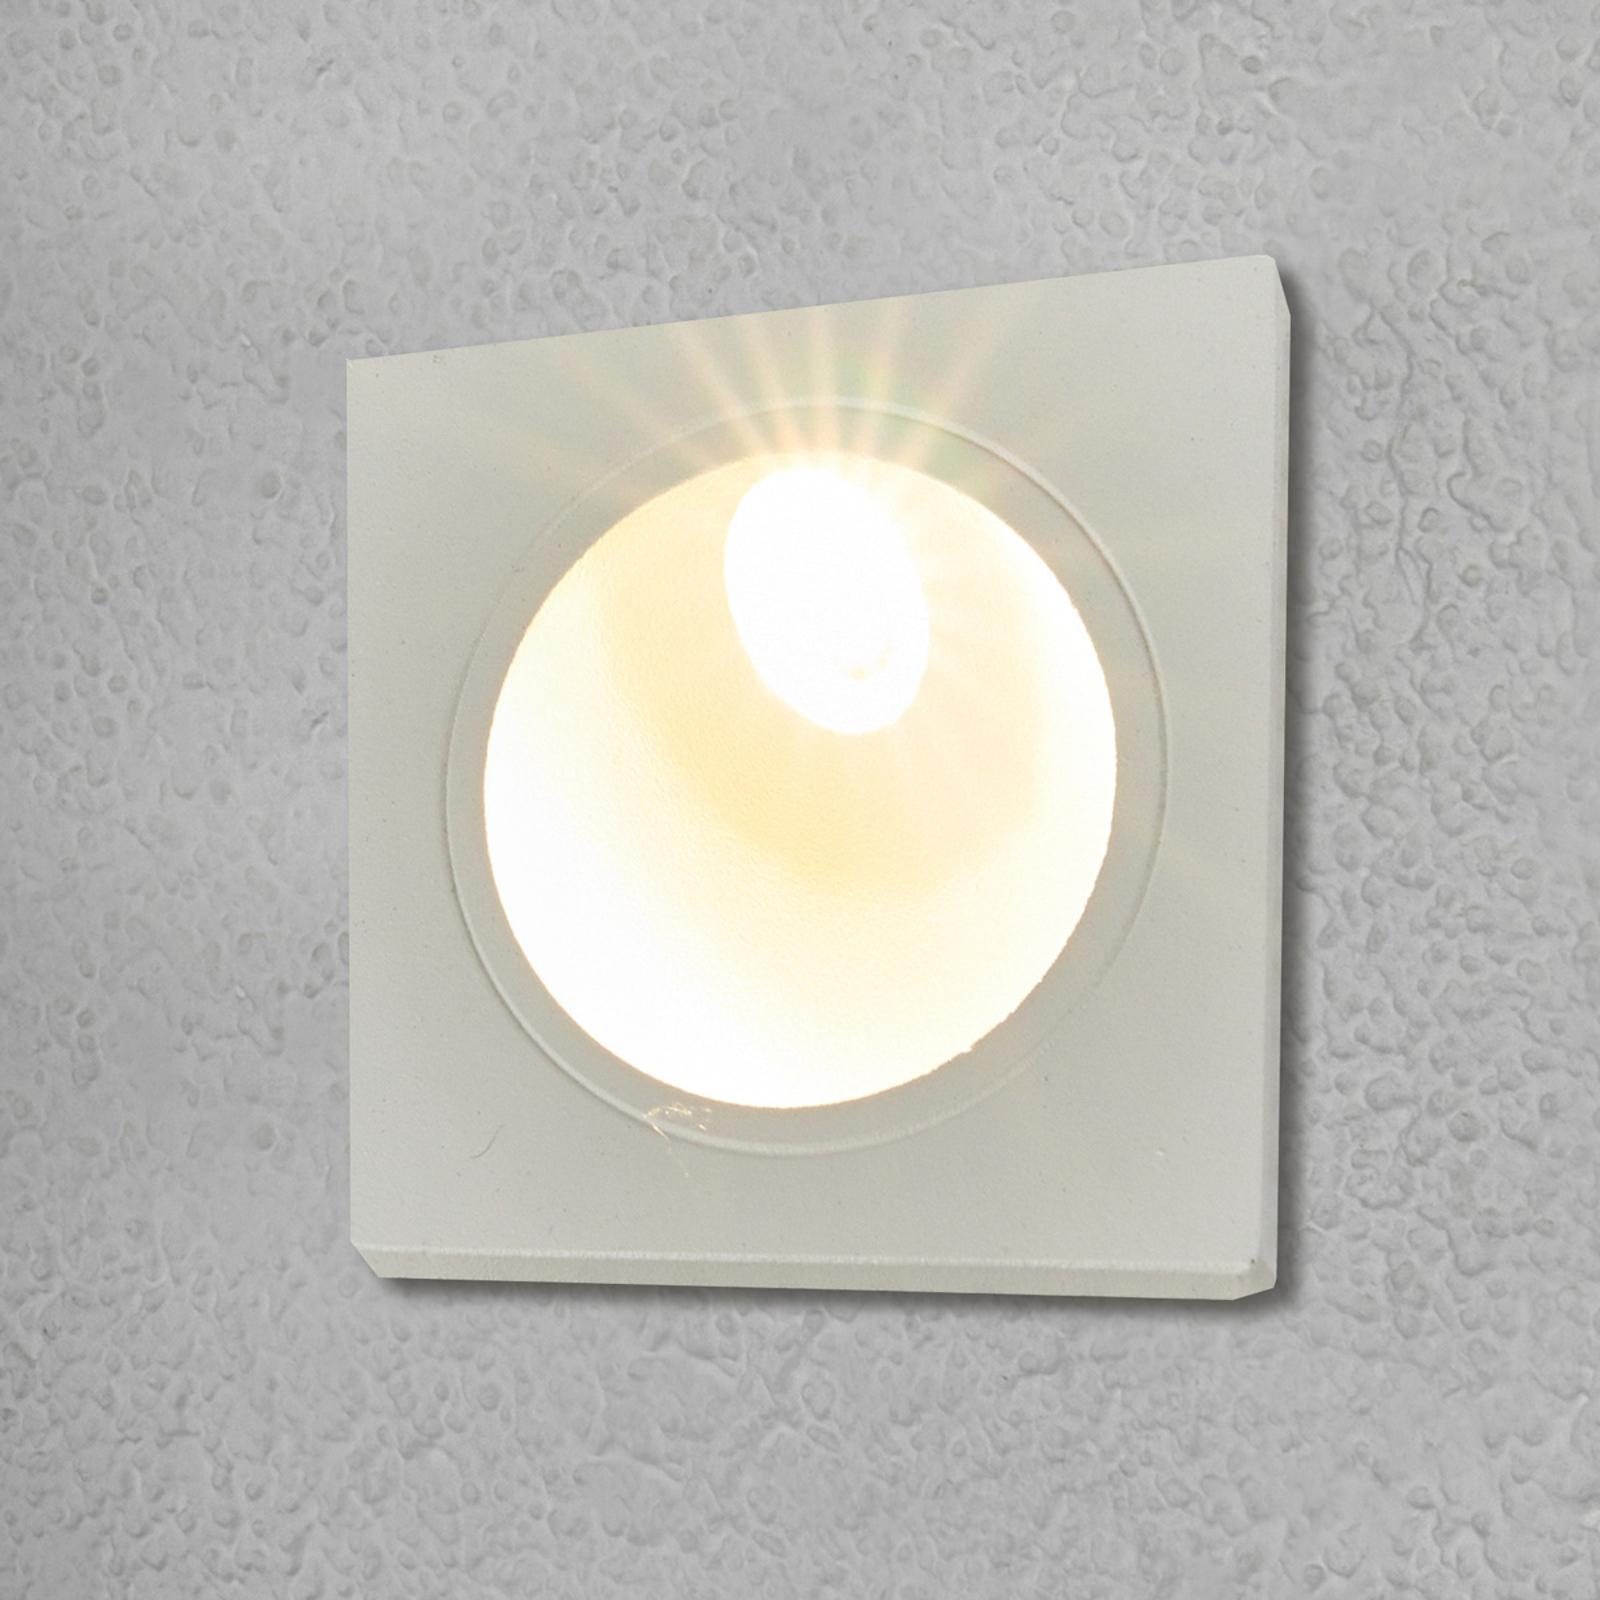 Væg indbygningslampen Ian til udendørs brug, LED